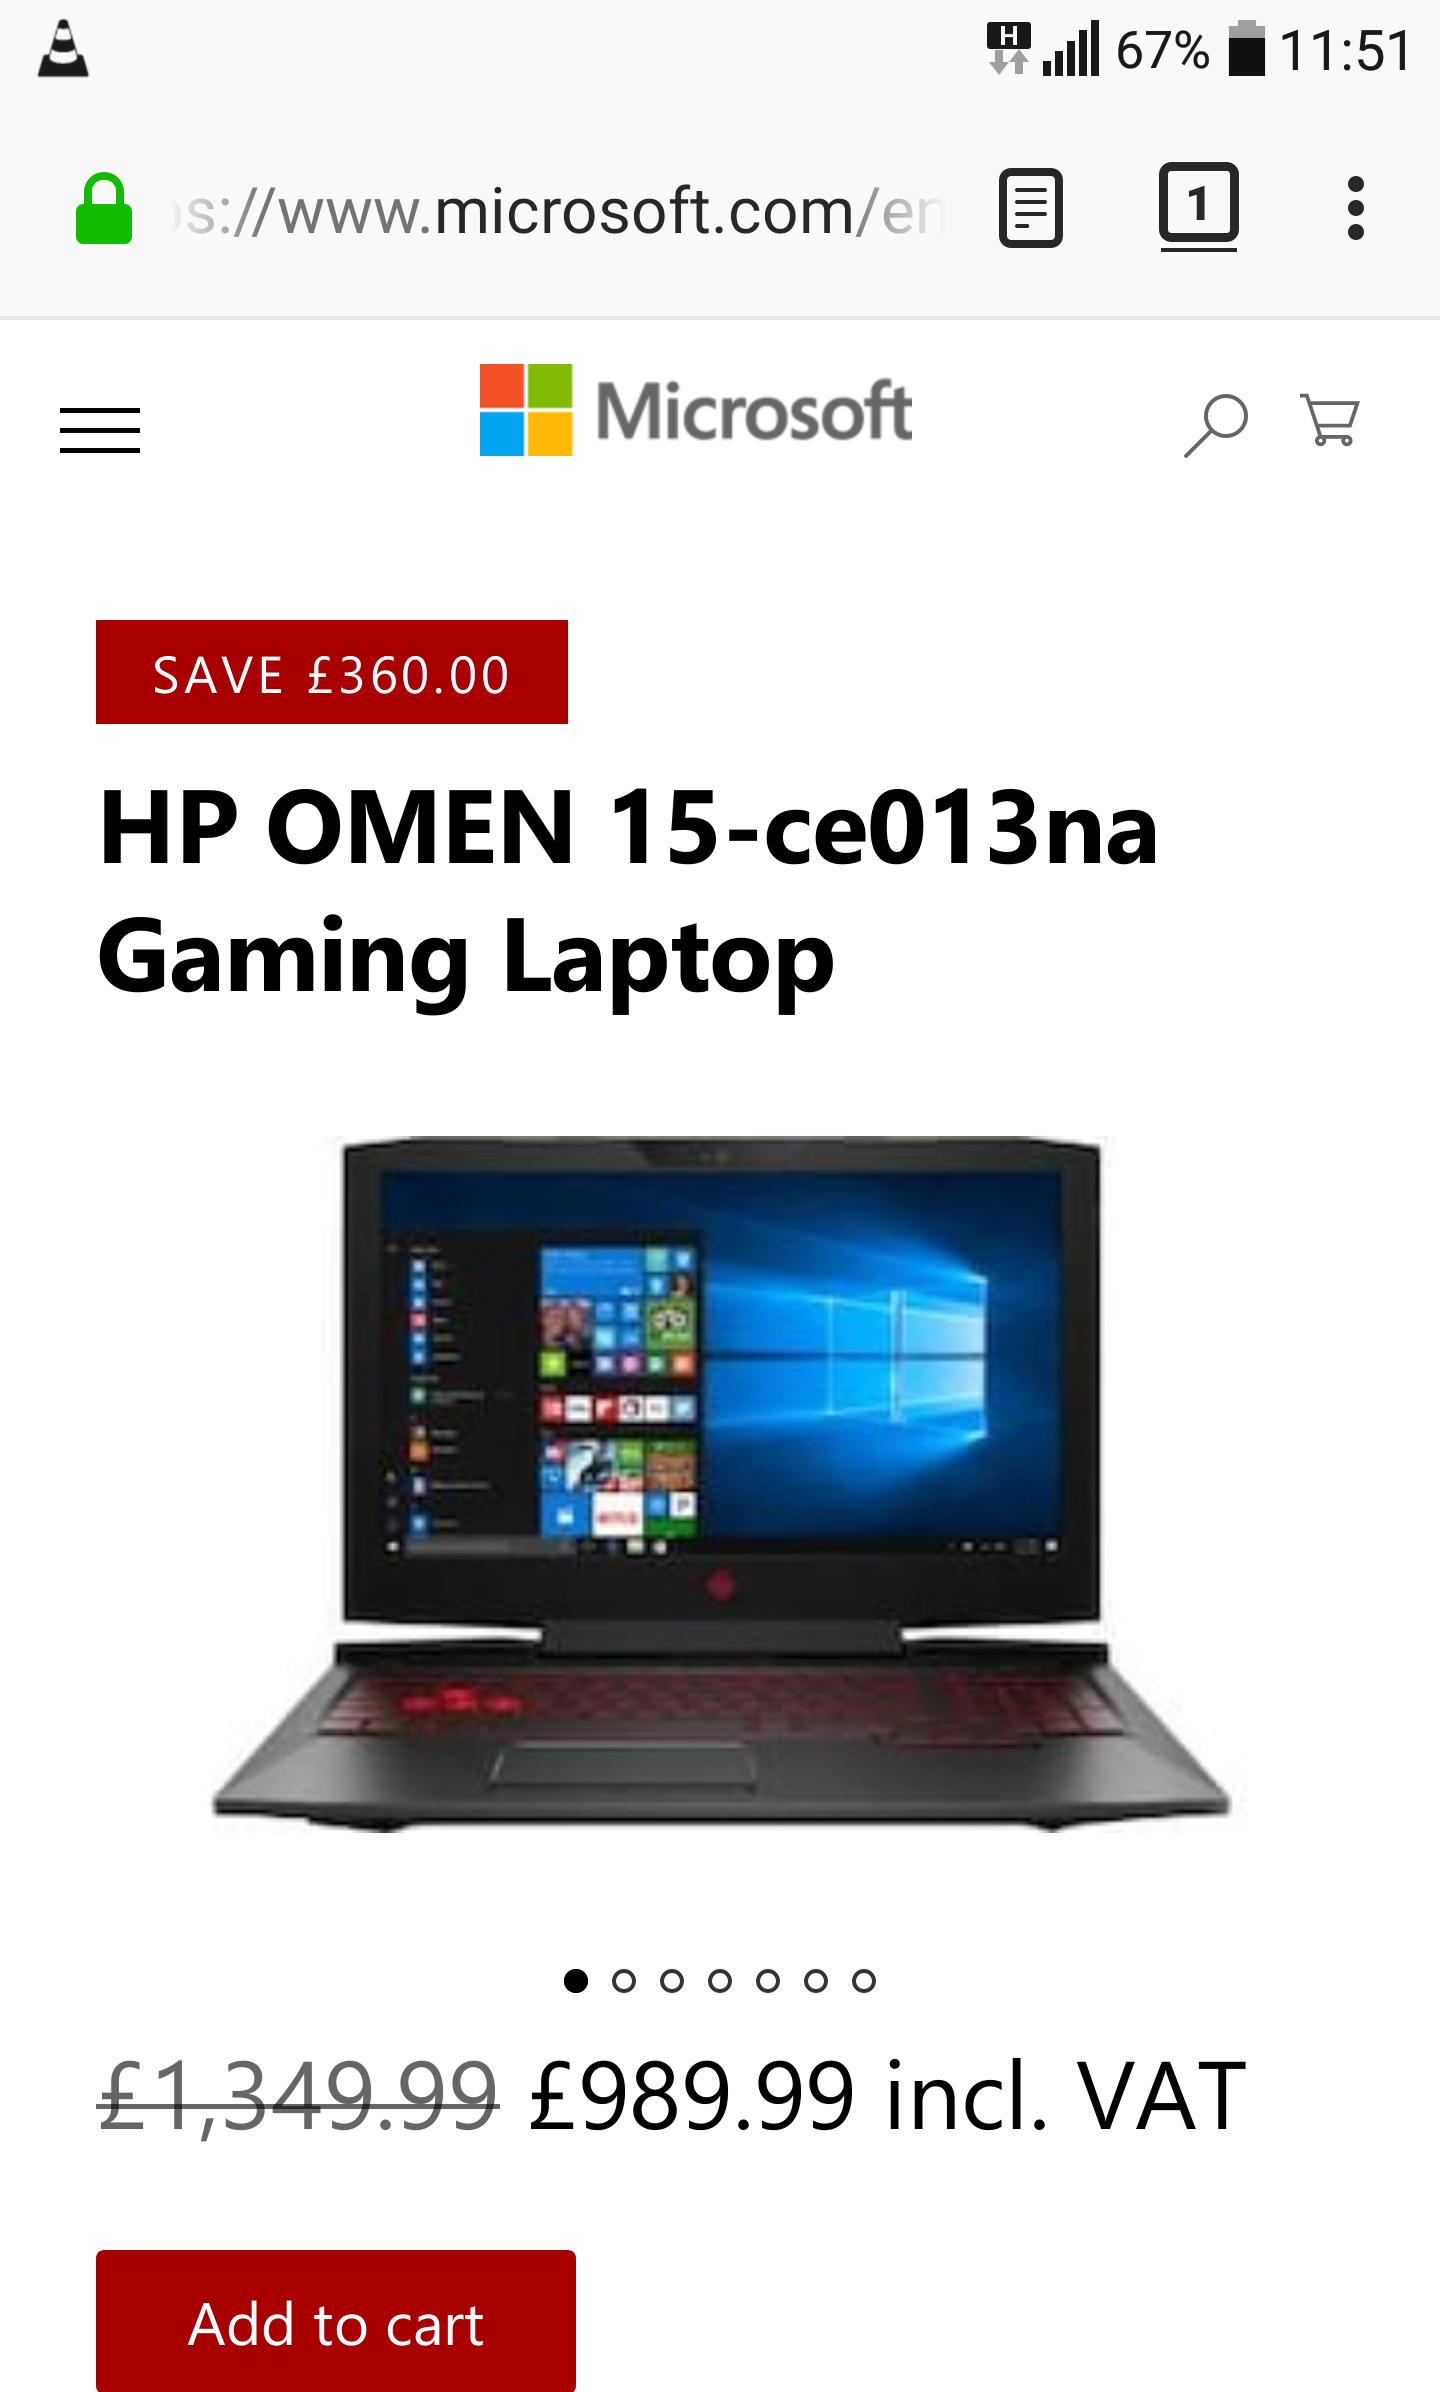 Hp Omen 15 i7-7700HQ, 1080p 120hz, GTX 1060 £989.99 - Microsoft Store